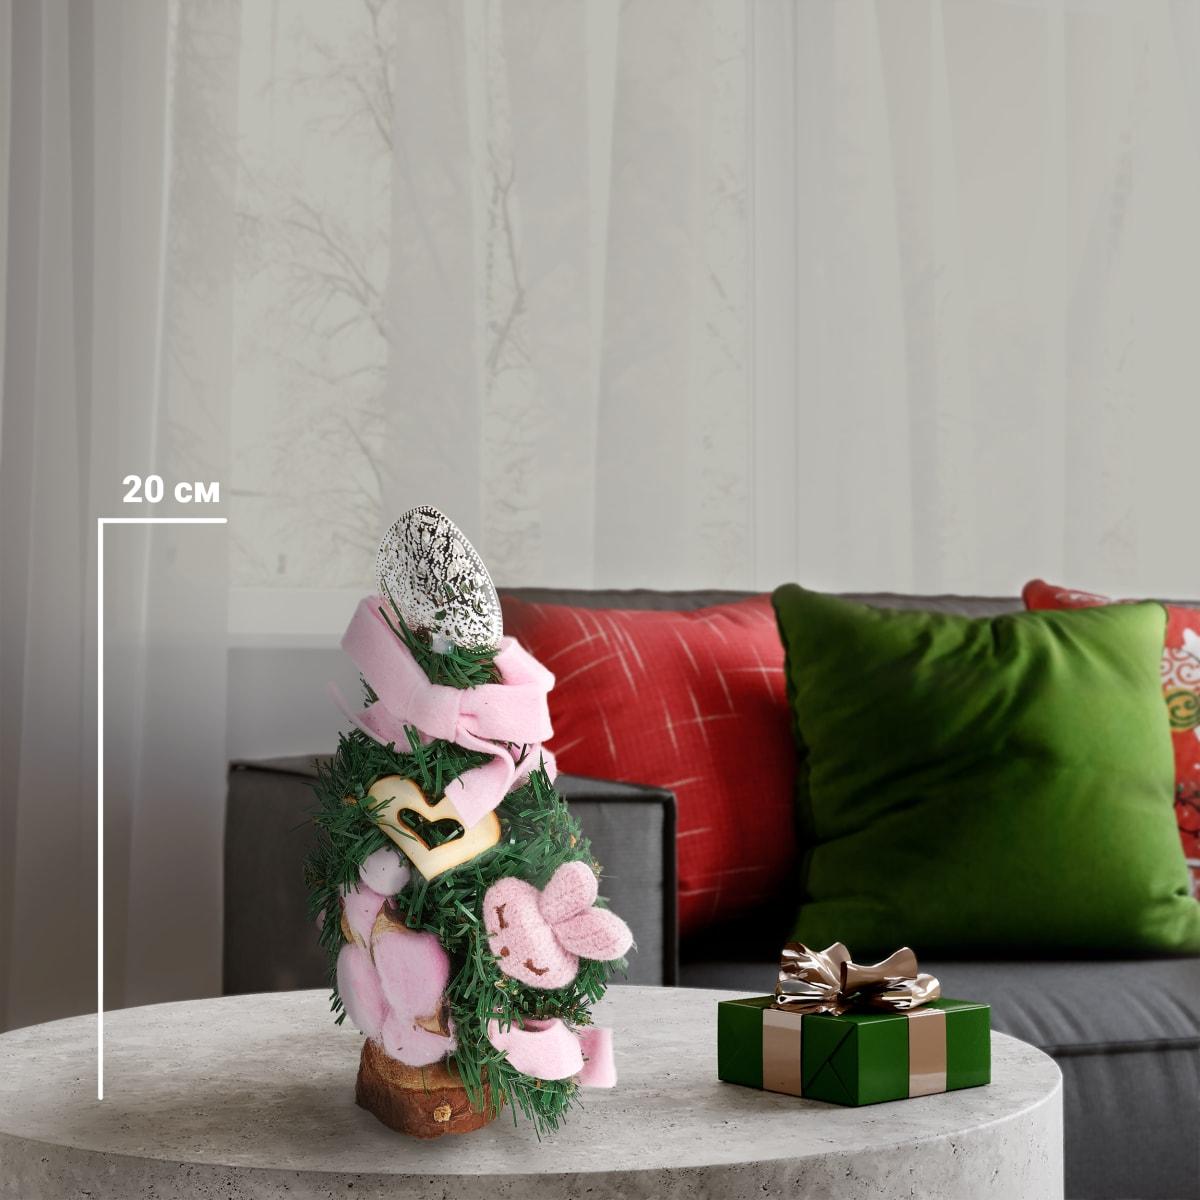 Ель новогодняя искусственная с украшениями на подставке 20 см